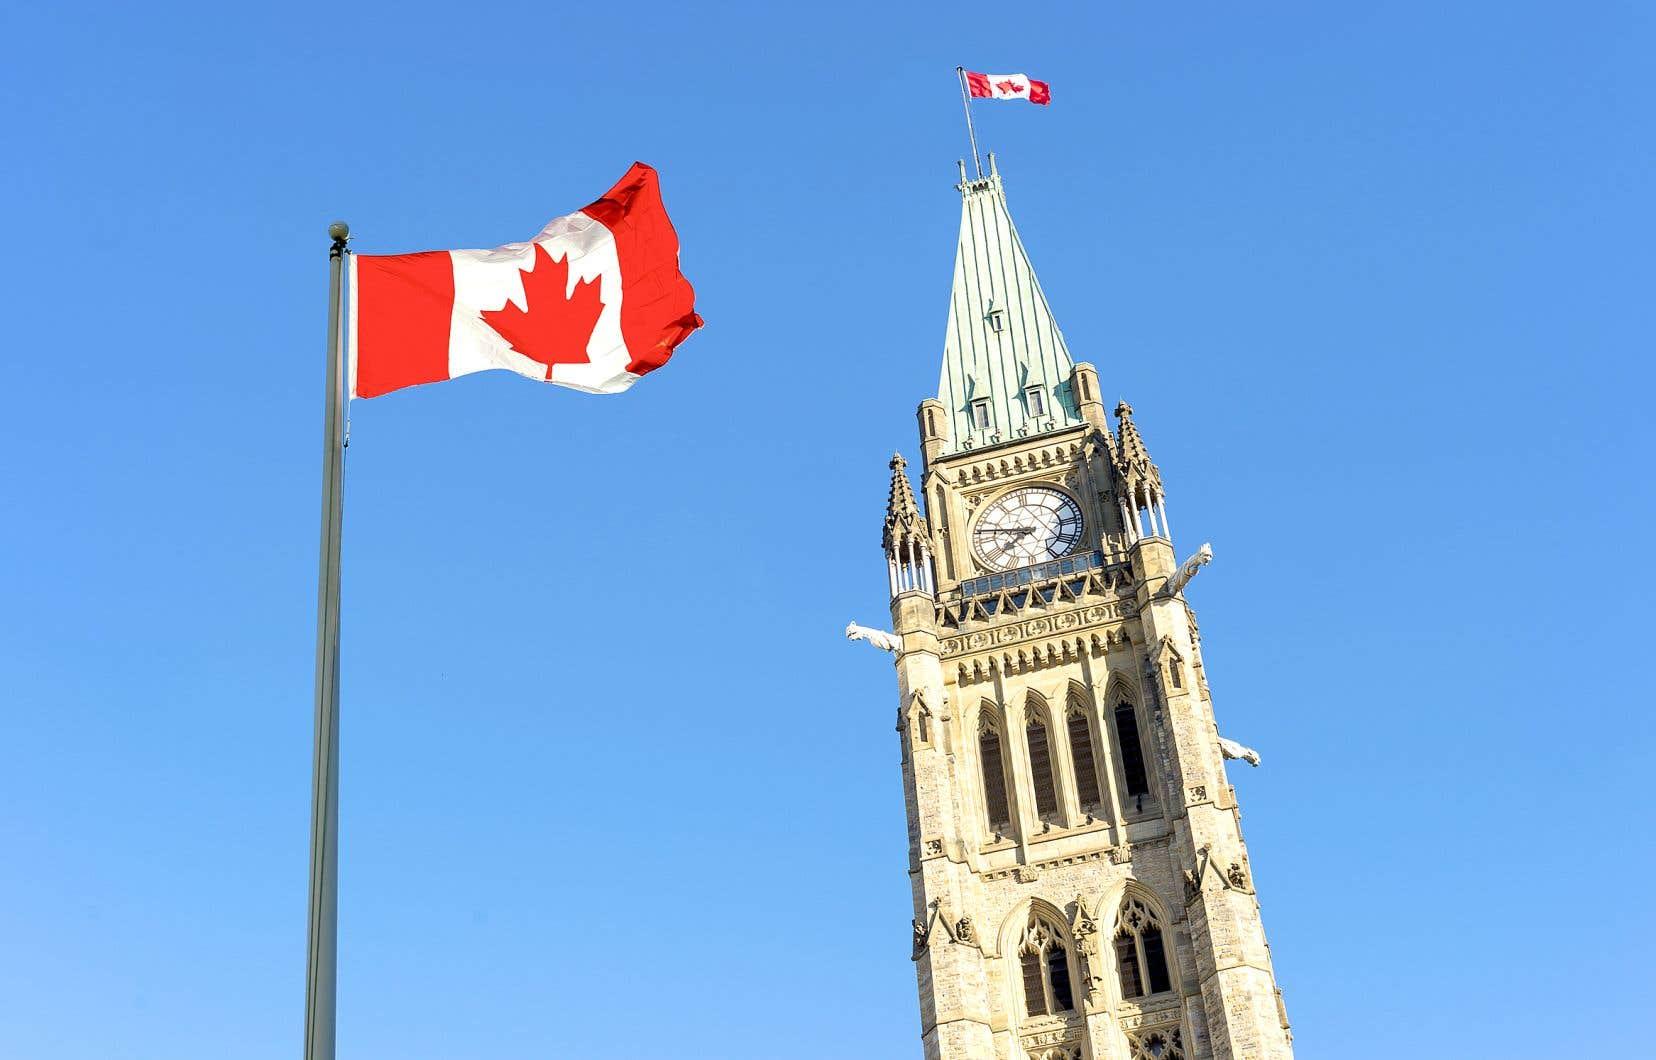 La croissance du PIB n'était plus que de 0,3% au cours des trois derniers mois de 2019, selon Statistique Canada.